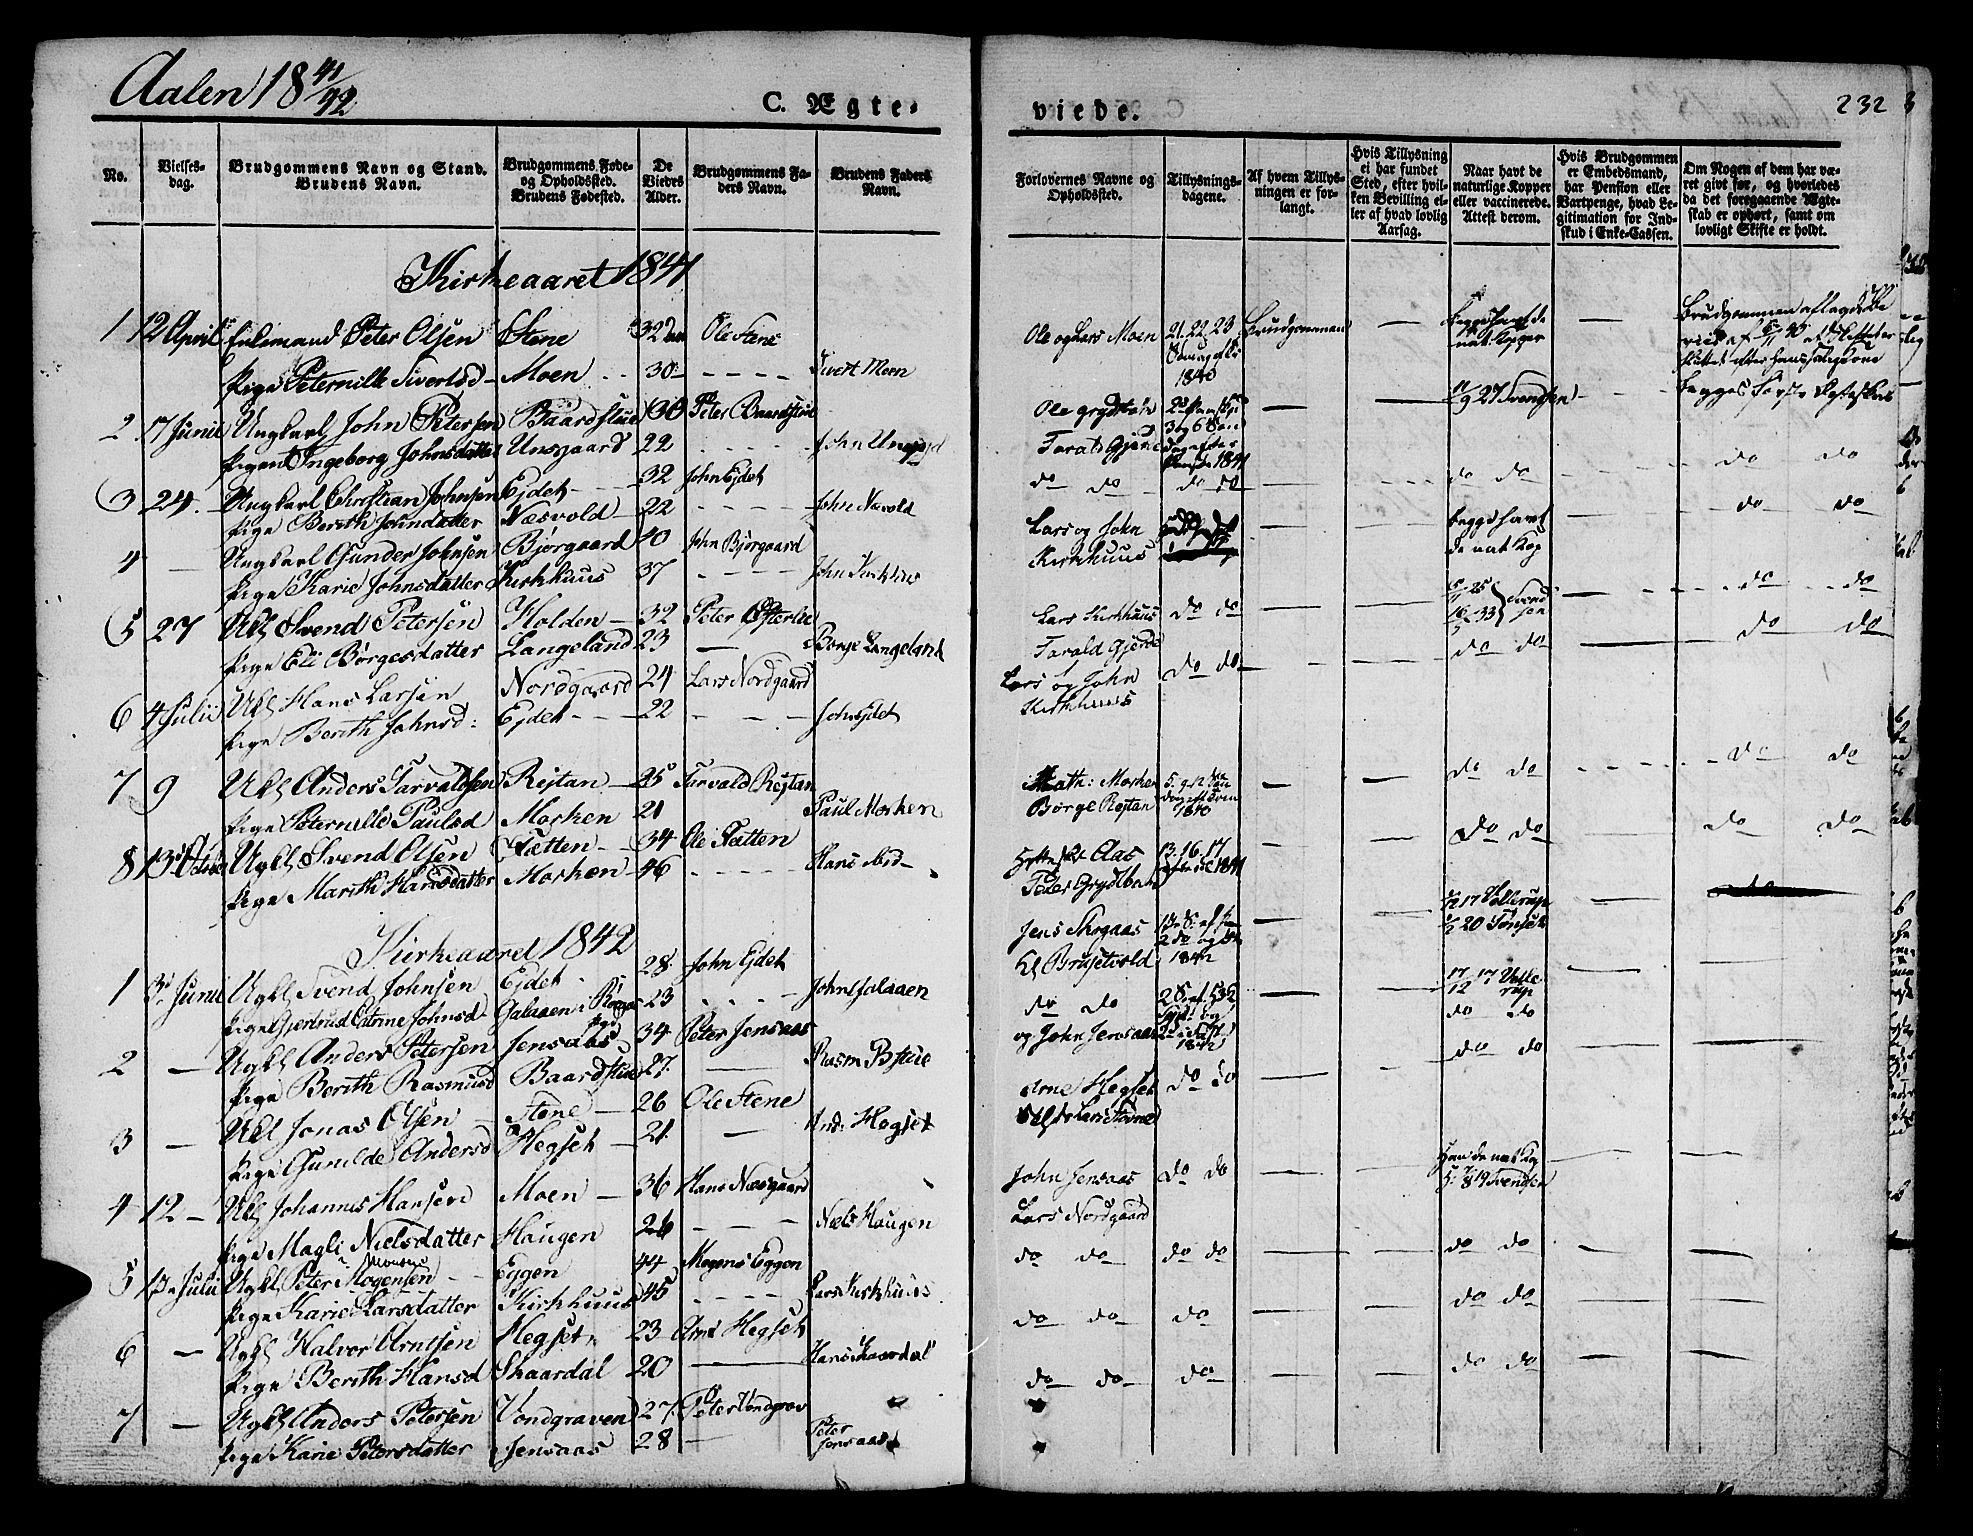 SAT, Ministerialprotokoller, klokkerbøker og fødselsregistre - Sør-Trøndelag, 685/L0959: Ministerialbok nr. 685A04 /3, 1829-1845, s. 232